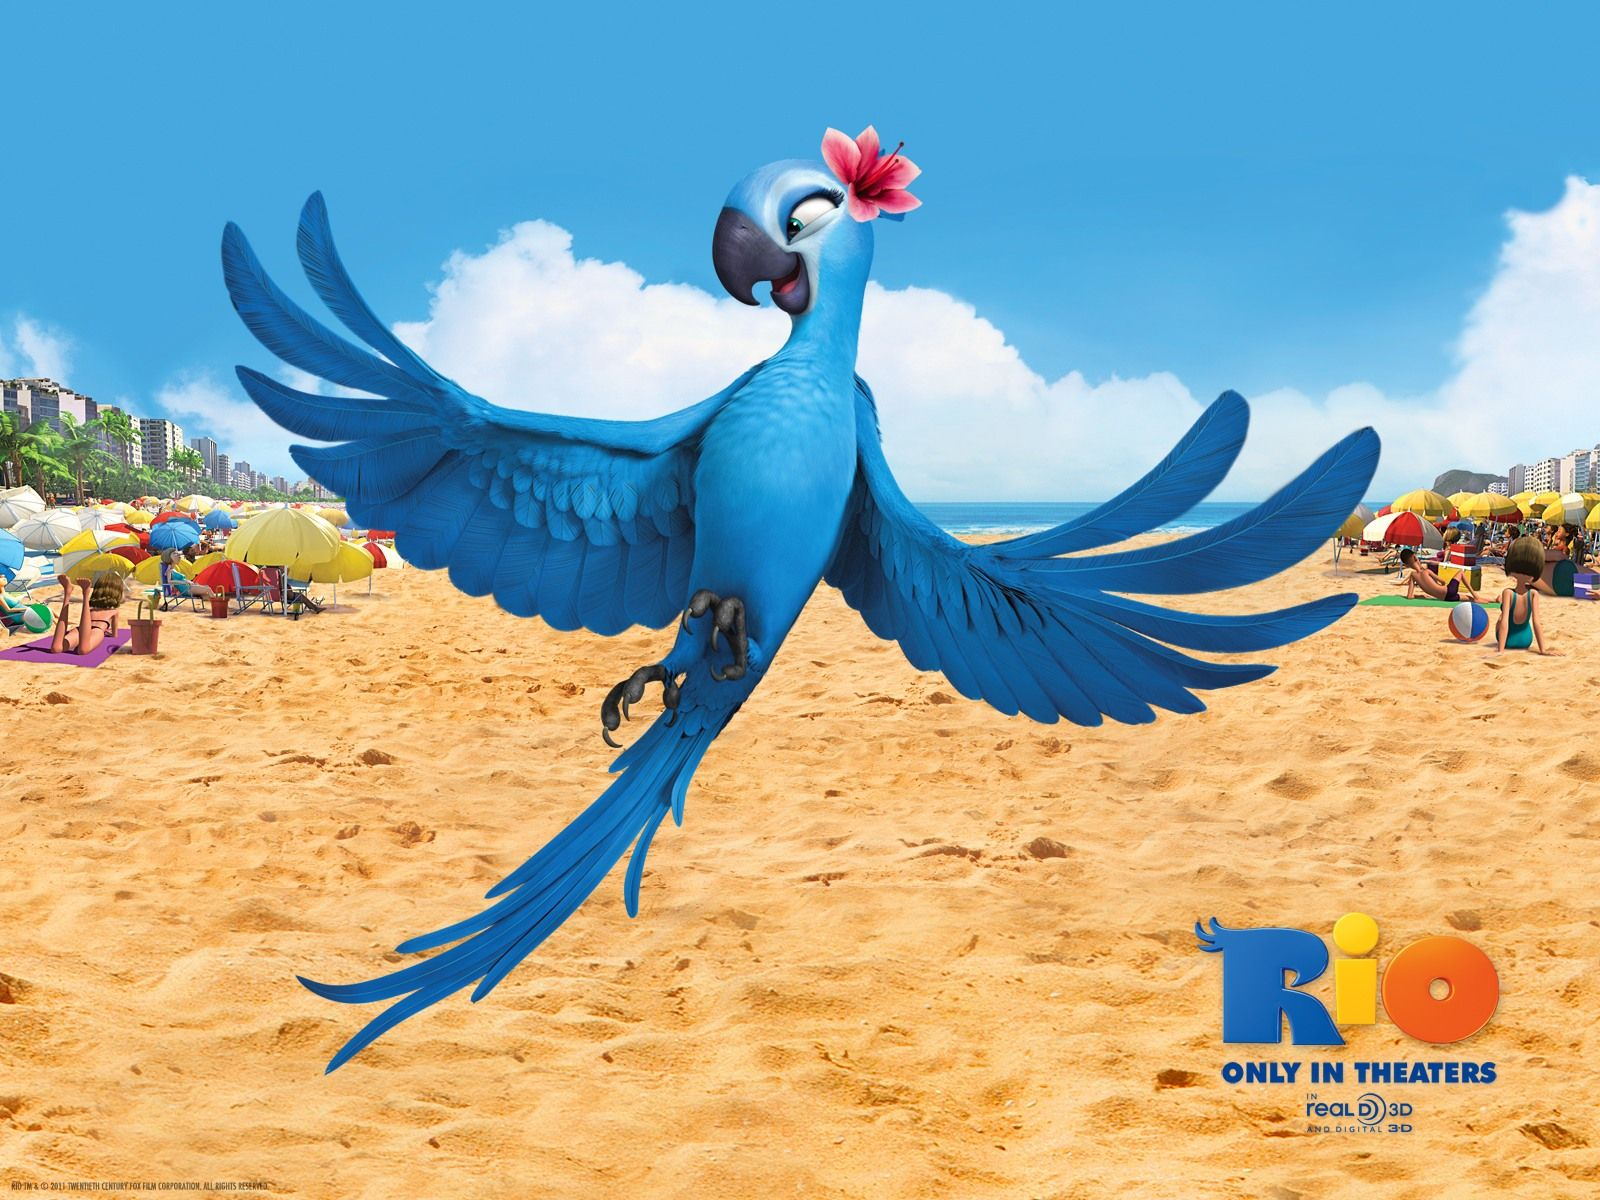 Jewel in Rio Movie Wallpaper - http://www.ekeo.co/jewel-in-rio-movie-wallpaper